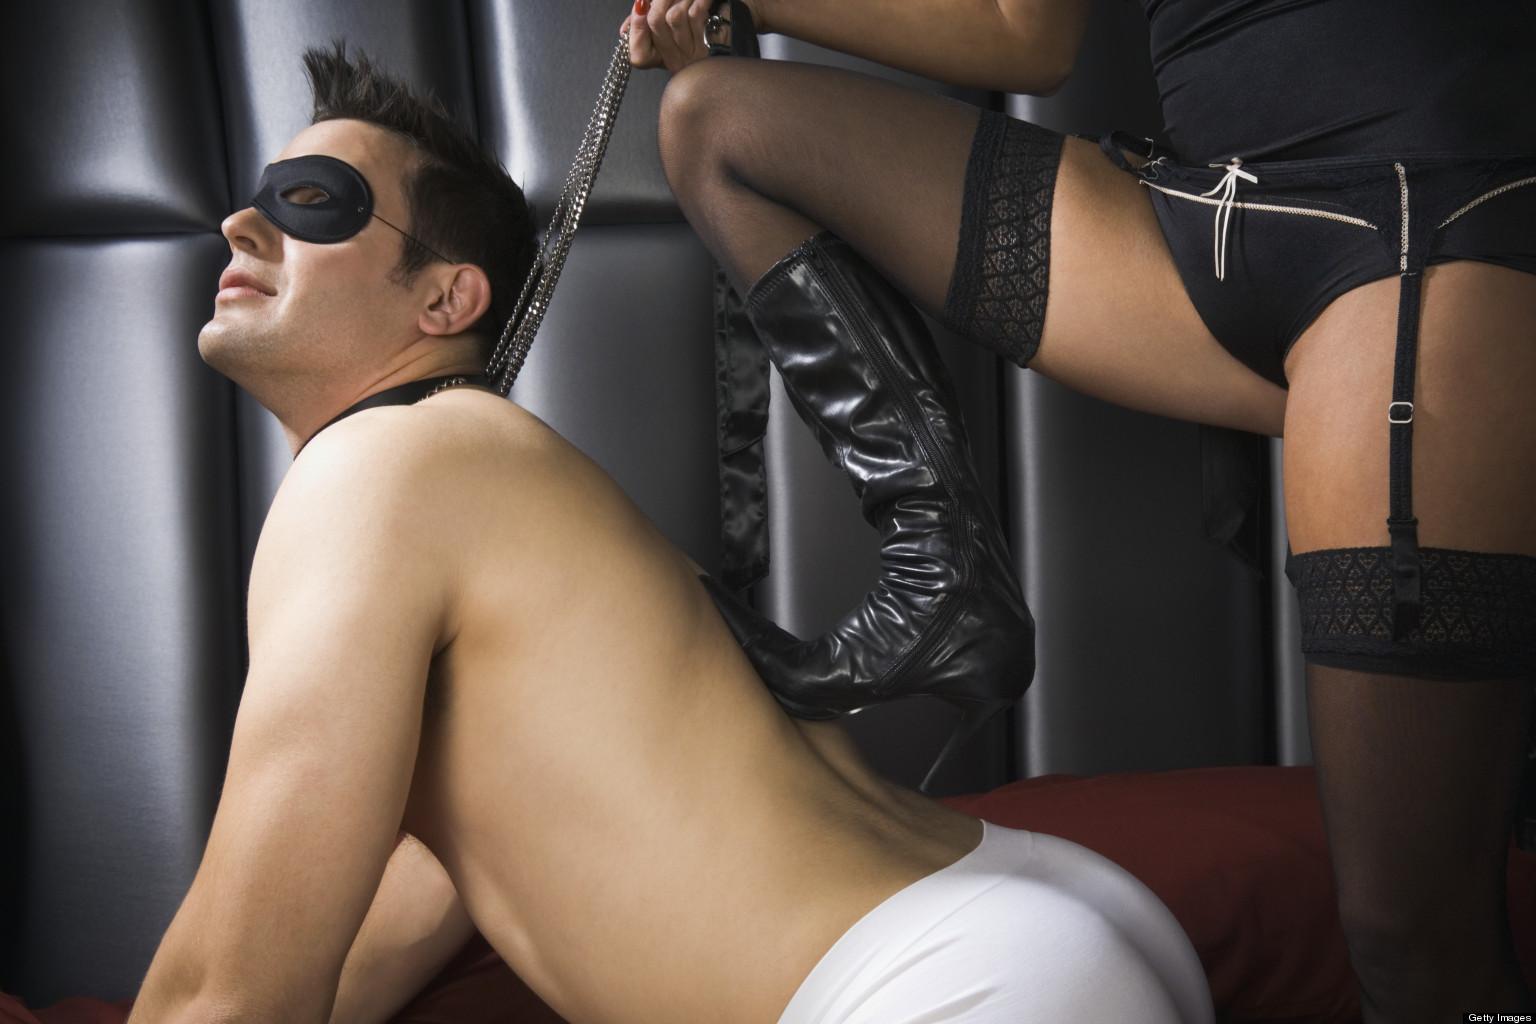 Сексуальные игры раб и госпожа 13 фотография